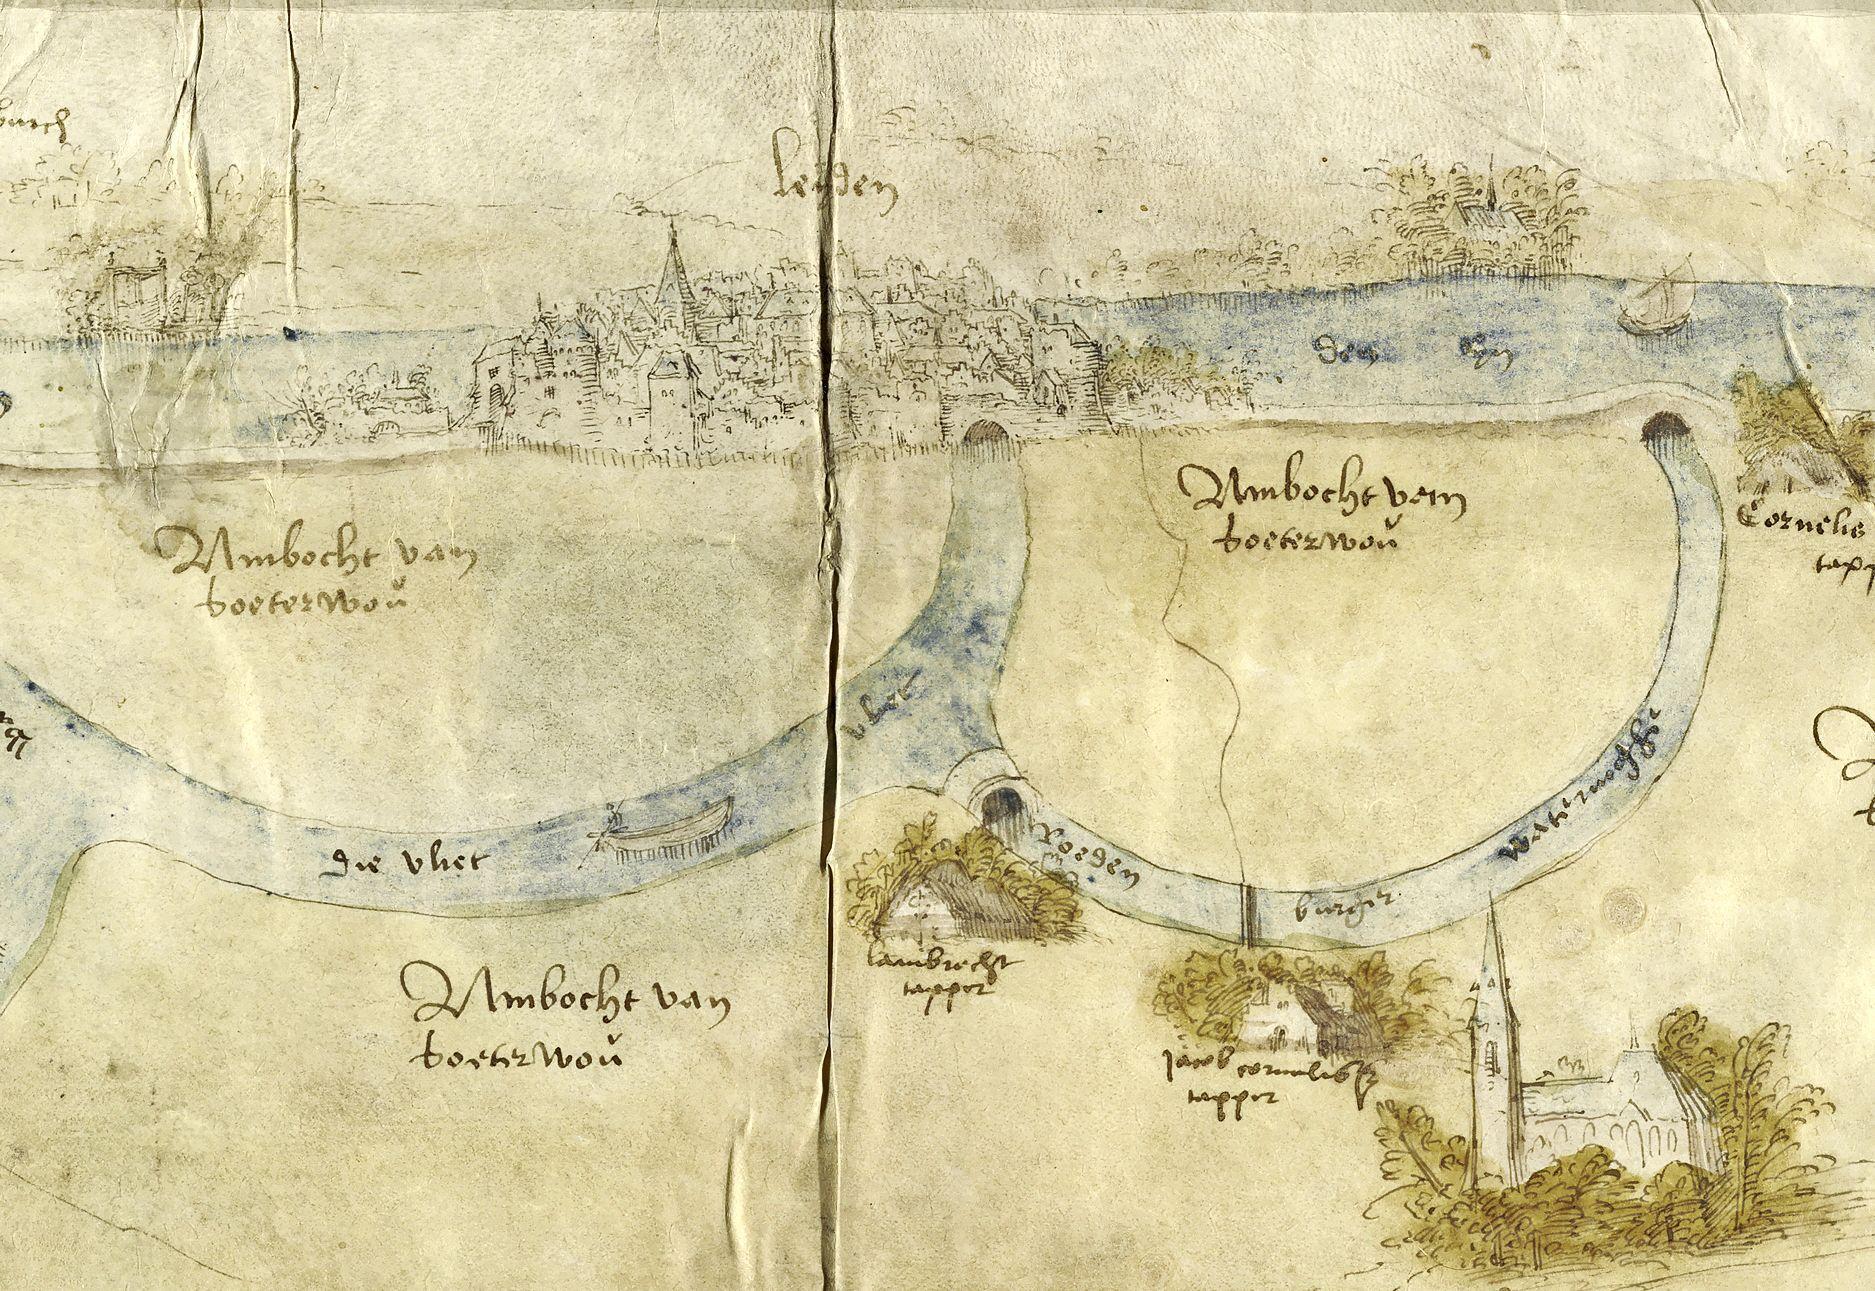 Oudste stadsgezicht op Leiden, nou ja, toch één van de oudste, duikt op in archief in Delft